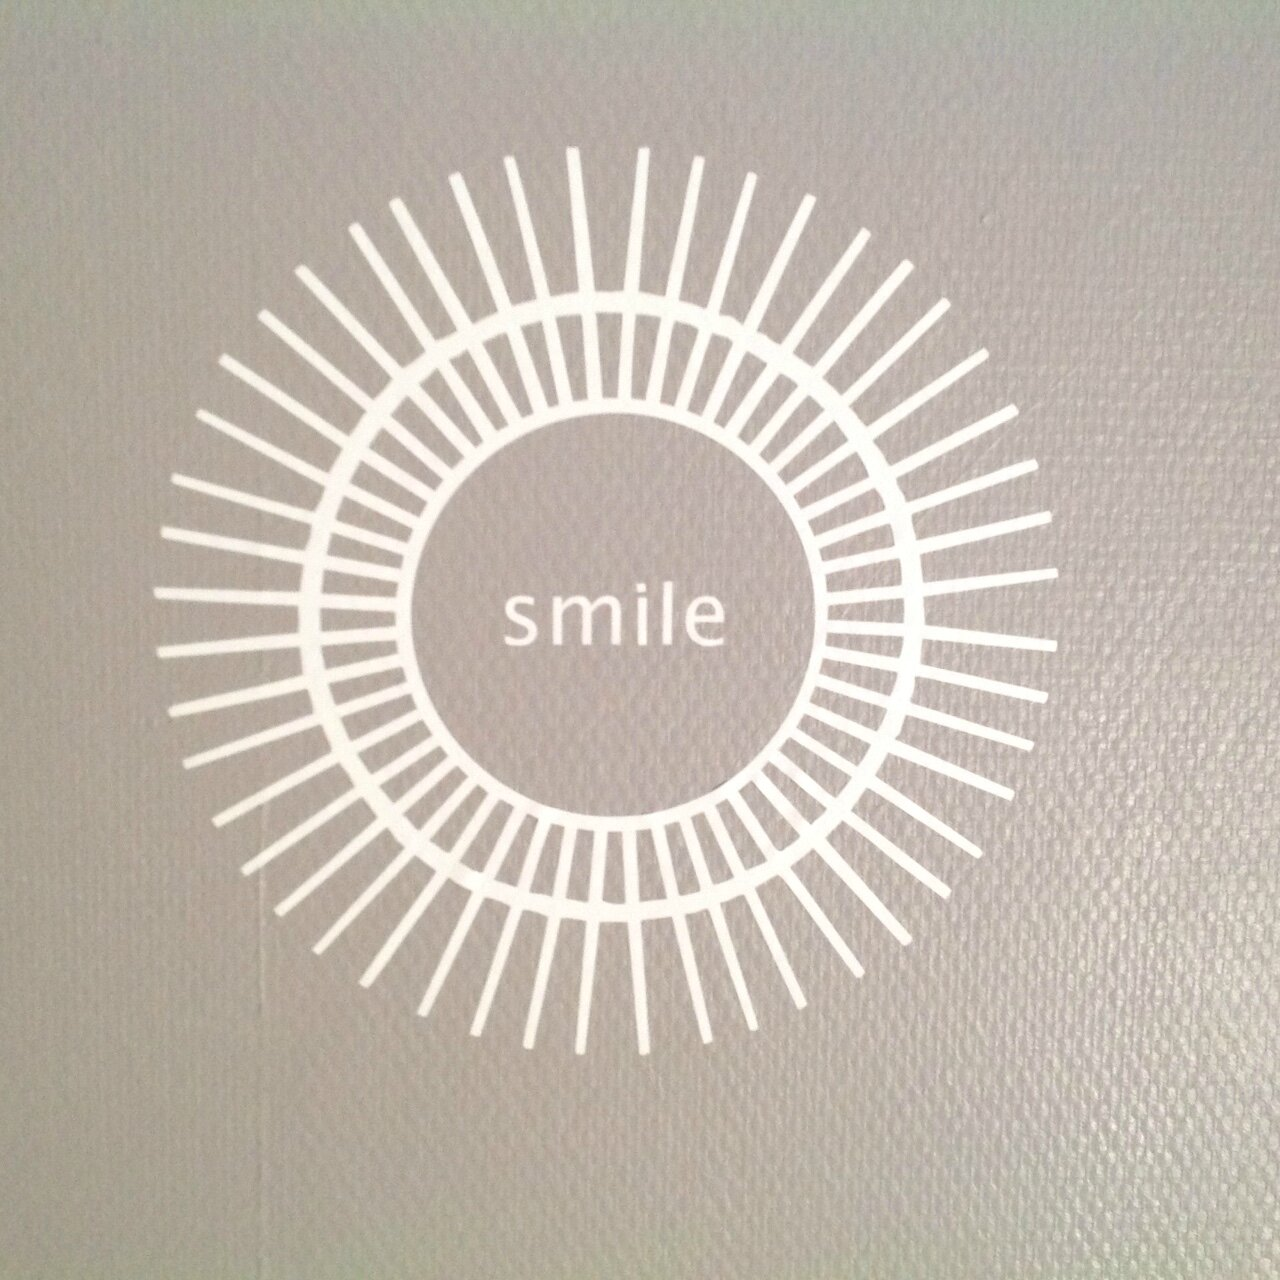 miroir SOLEIL smile !!